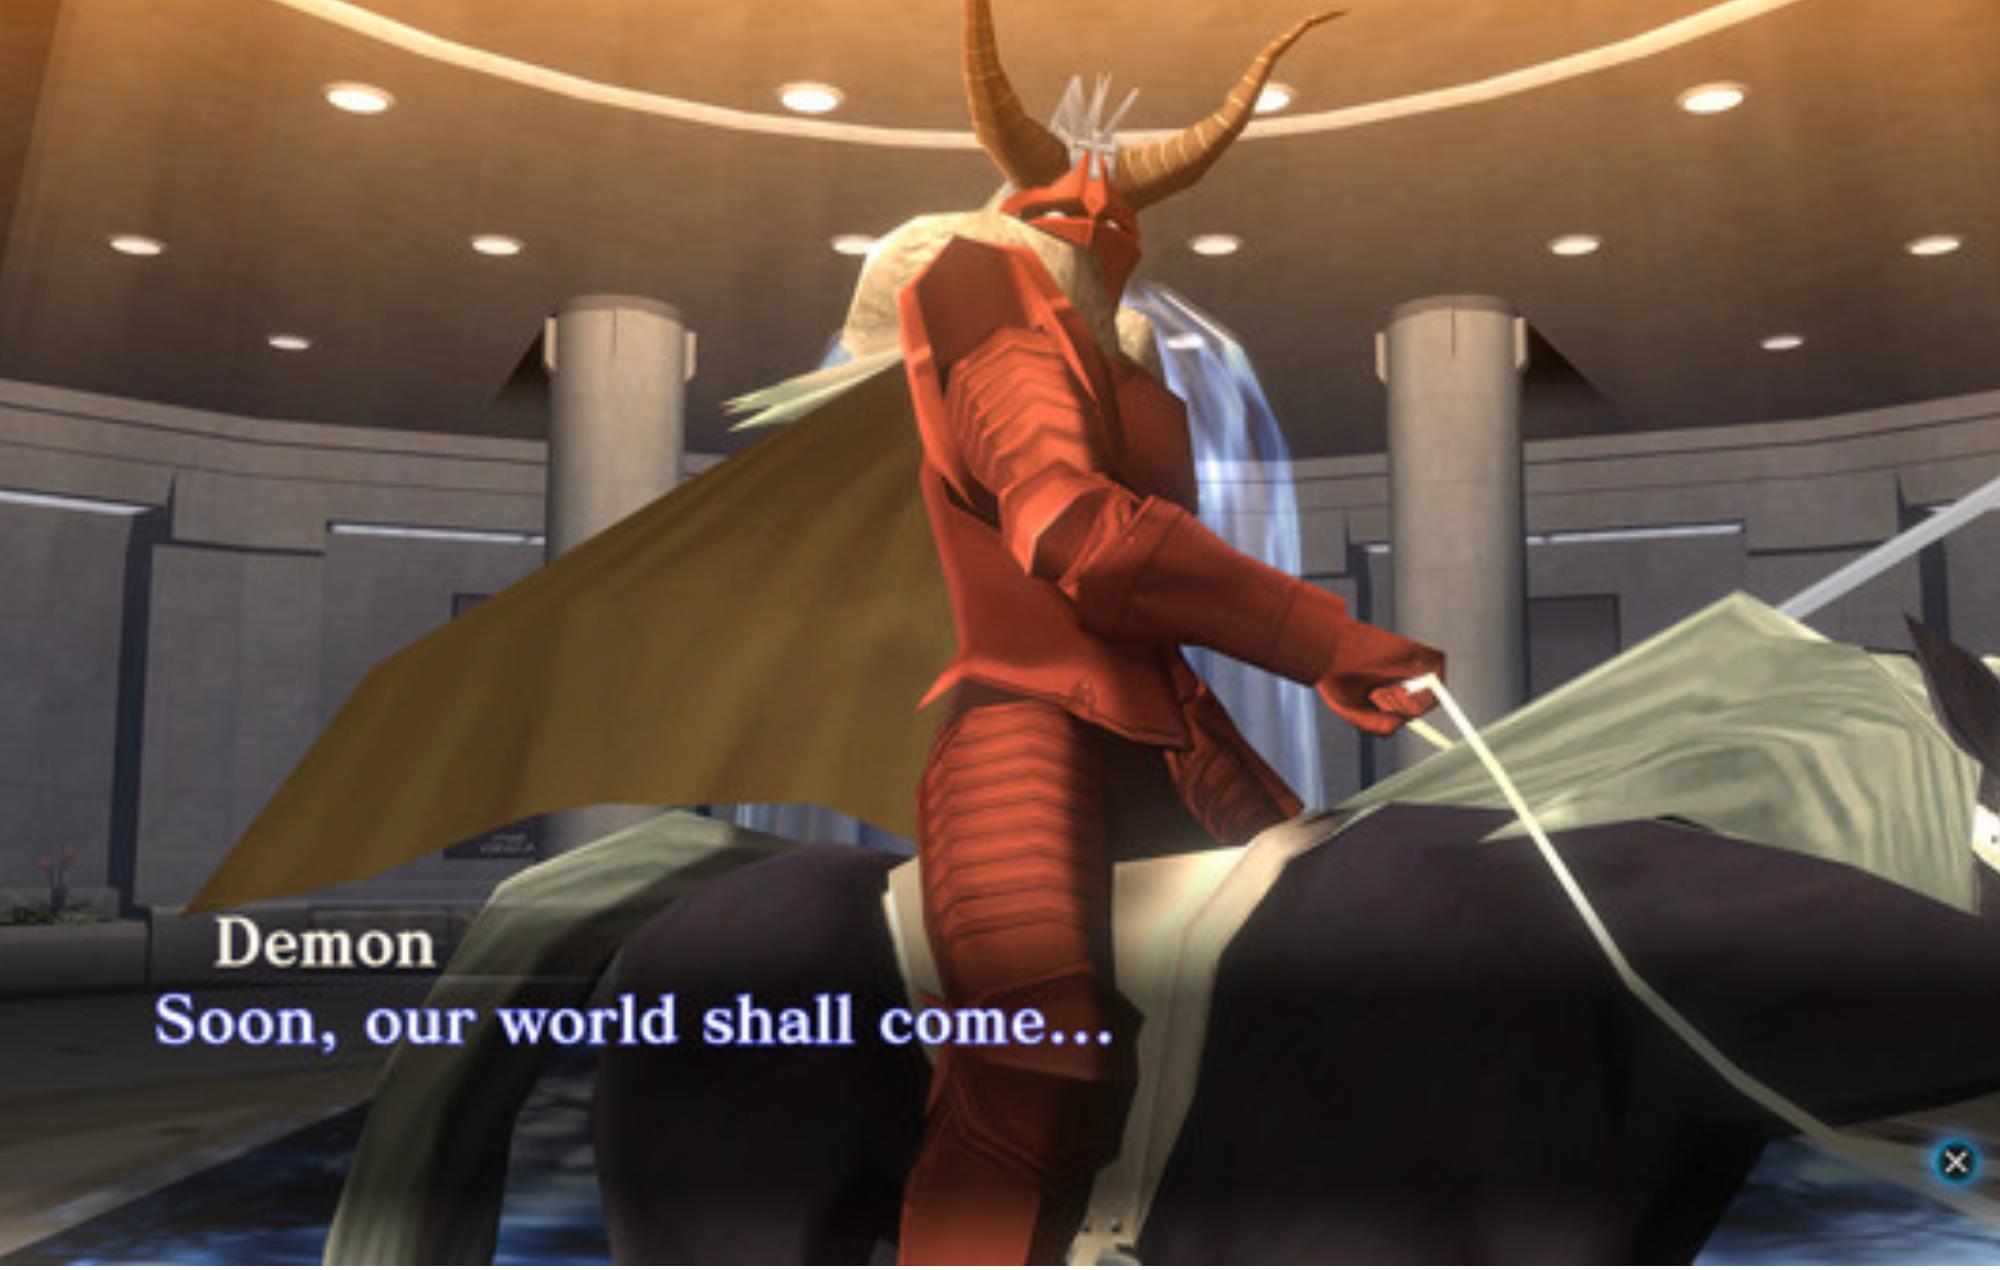 Shin Megami Tensei III Nocturne HD Remaster' announced